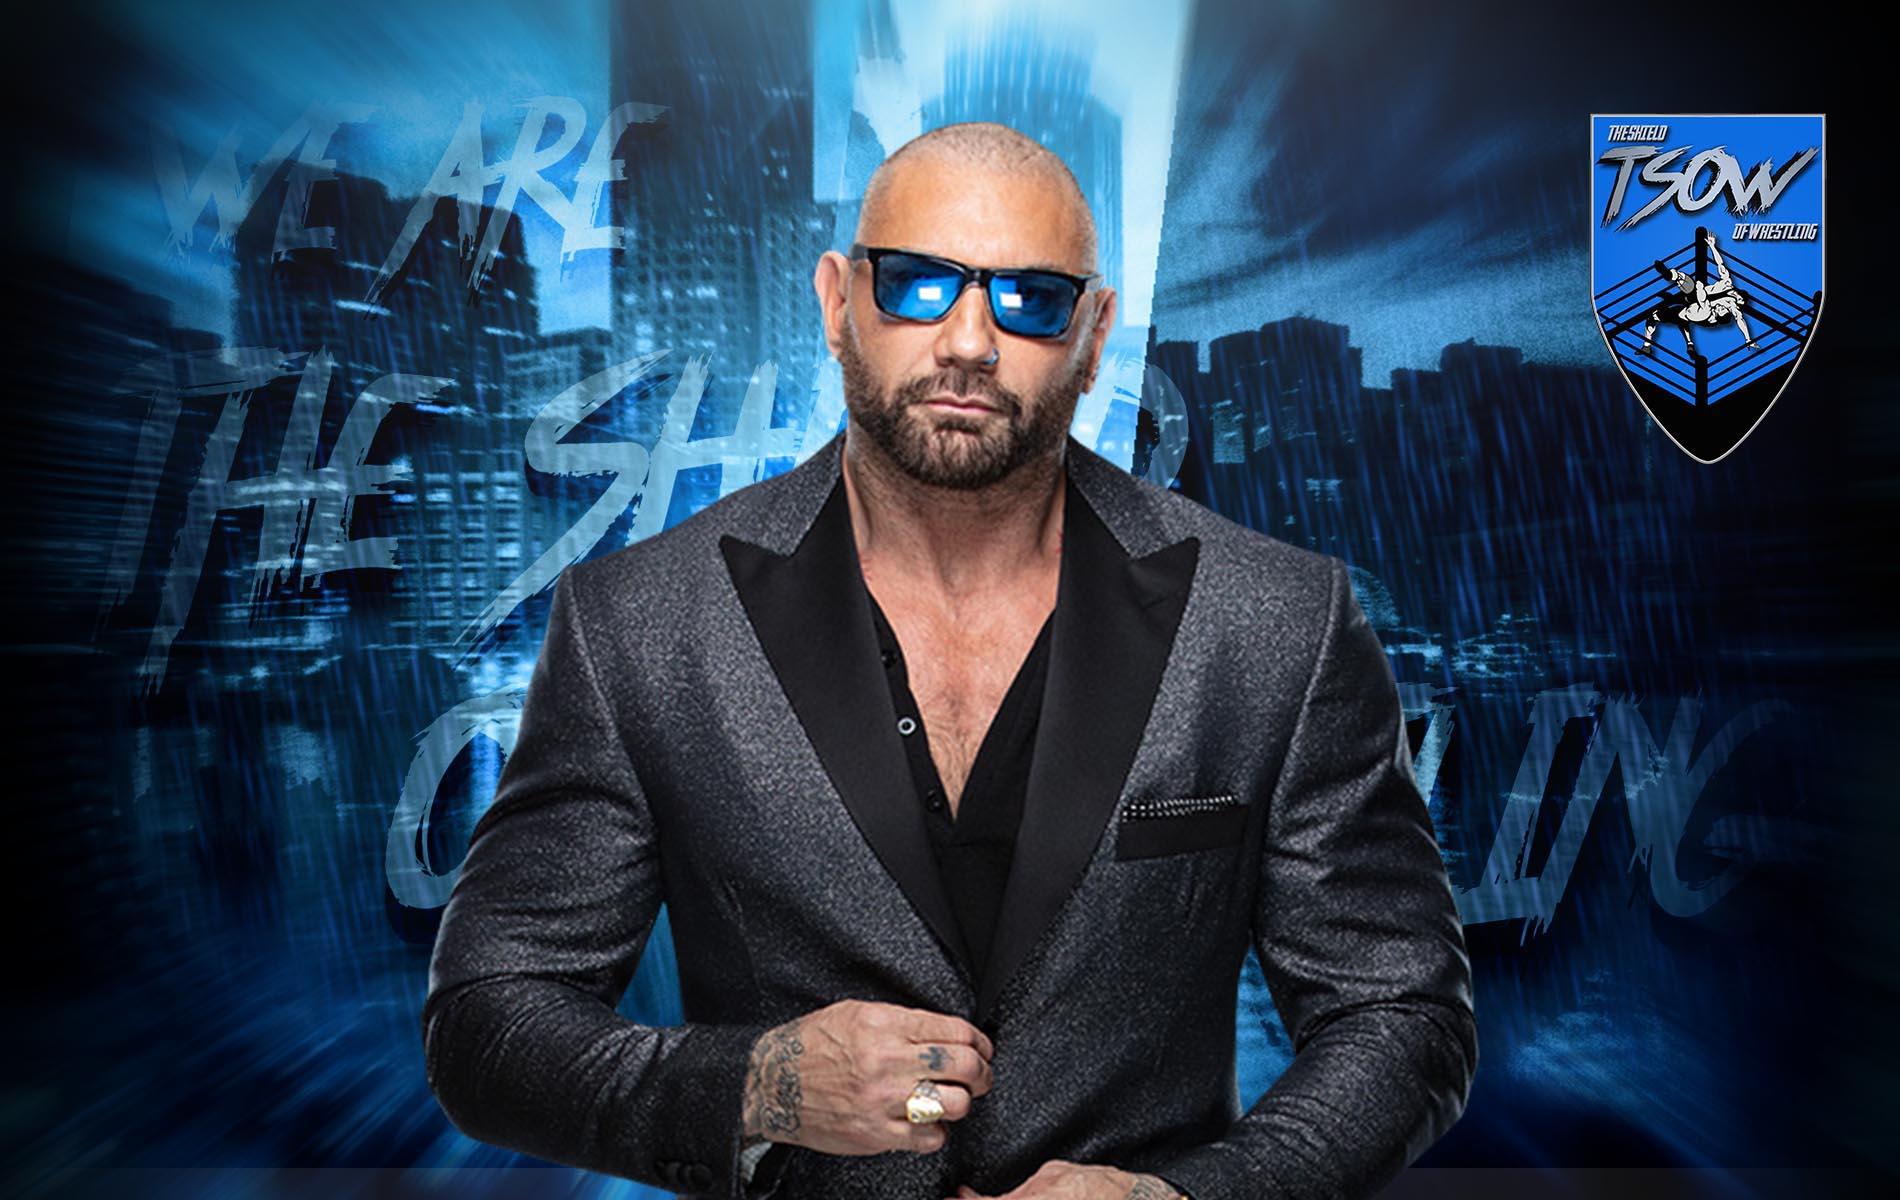 Batista ufficializza il ritiro dal wrestling